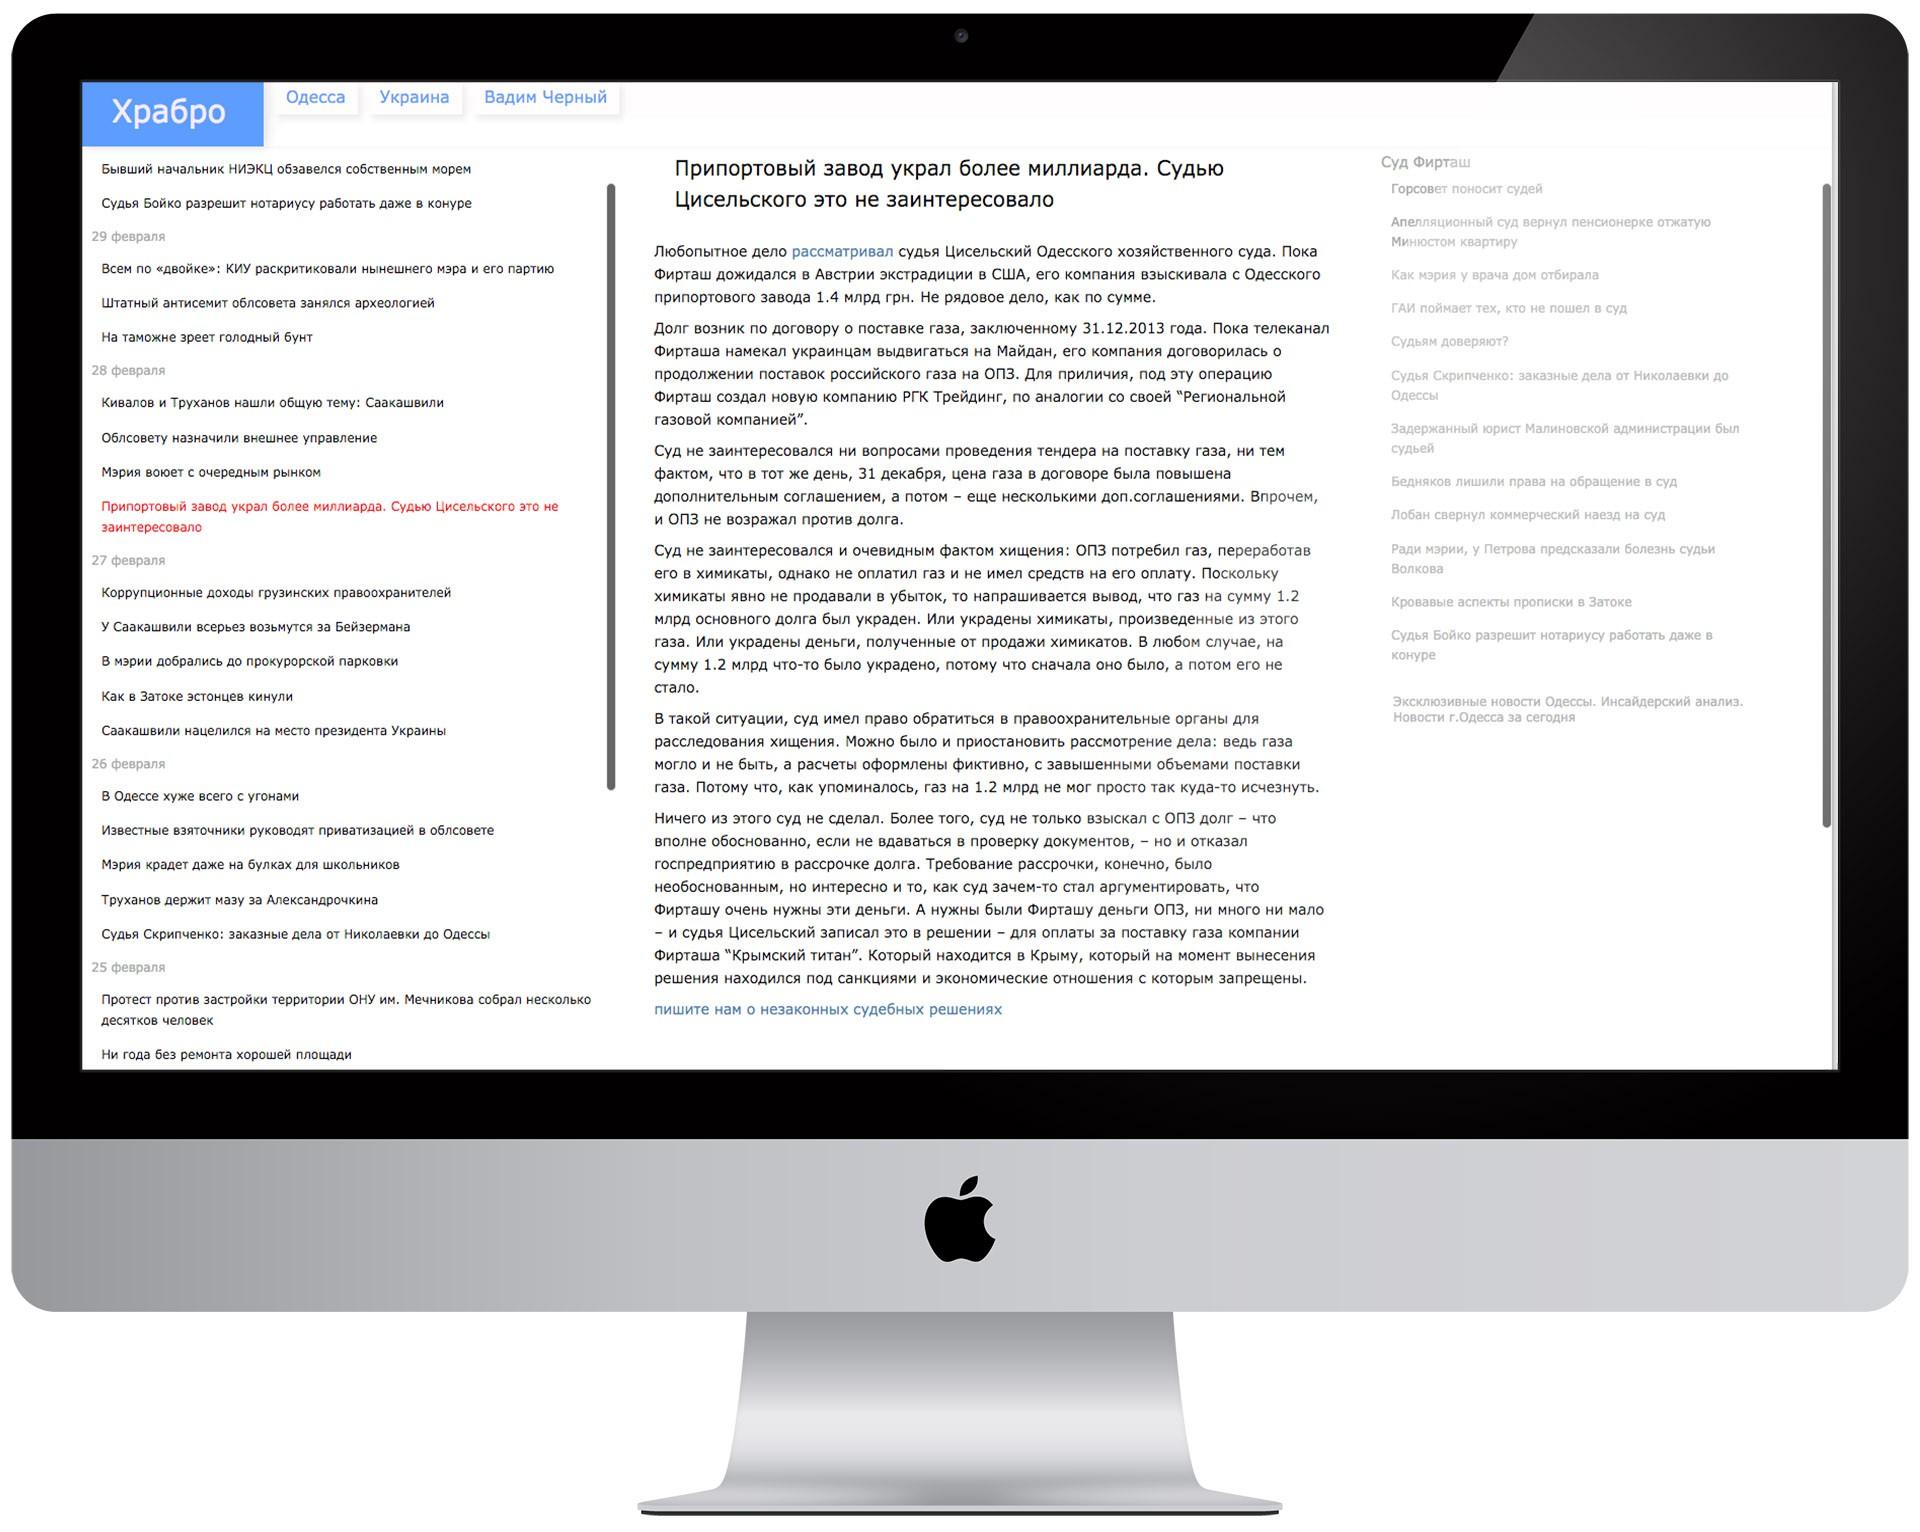 Веб-разработчик Виктор Павлов - Храбро